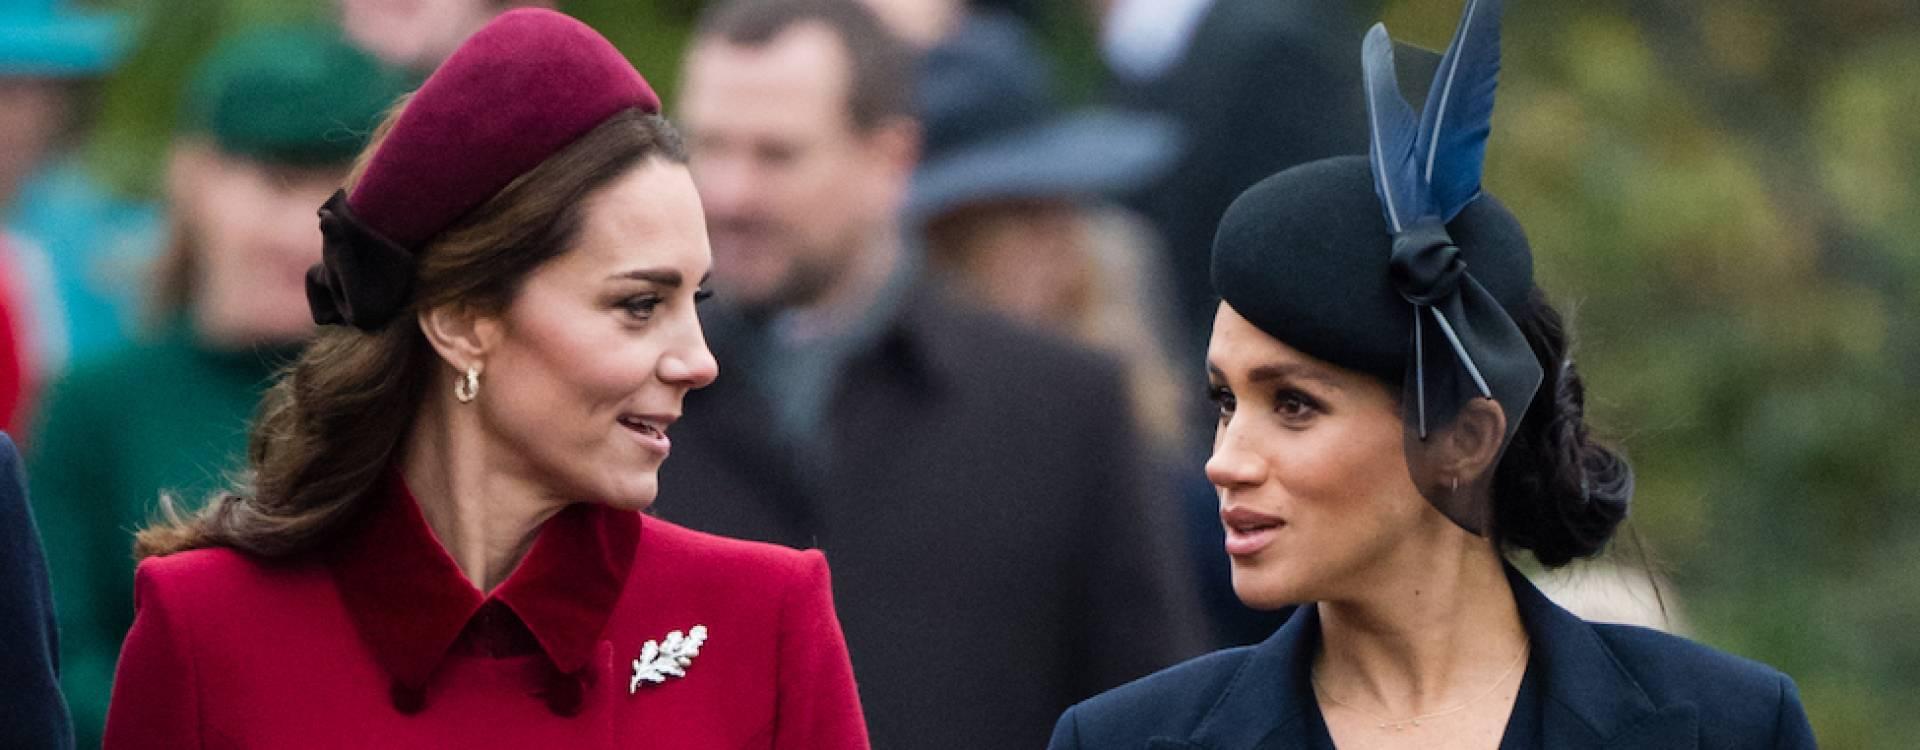 Kate V Meghan: Princesses At War?-banner